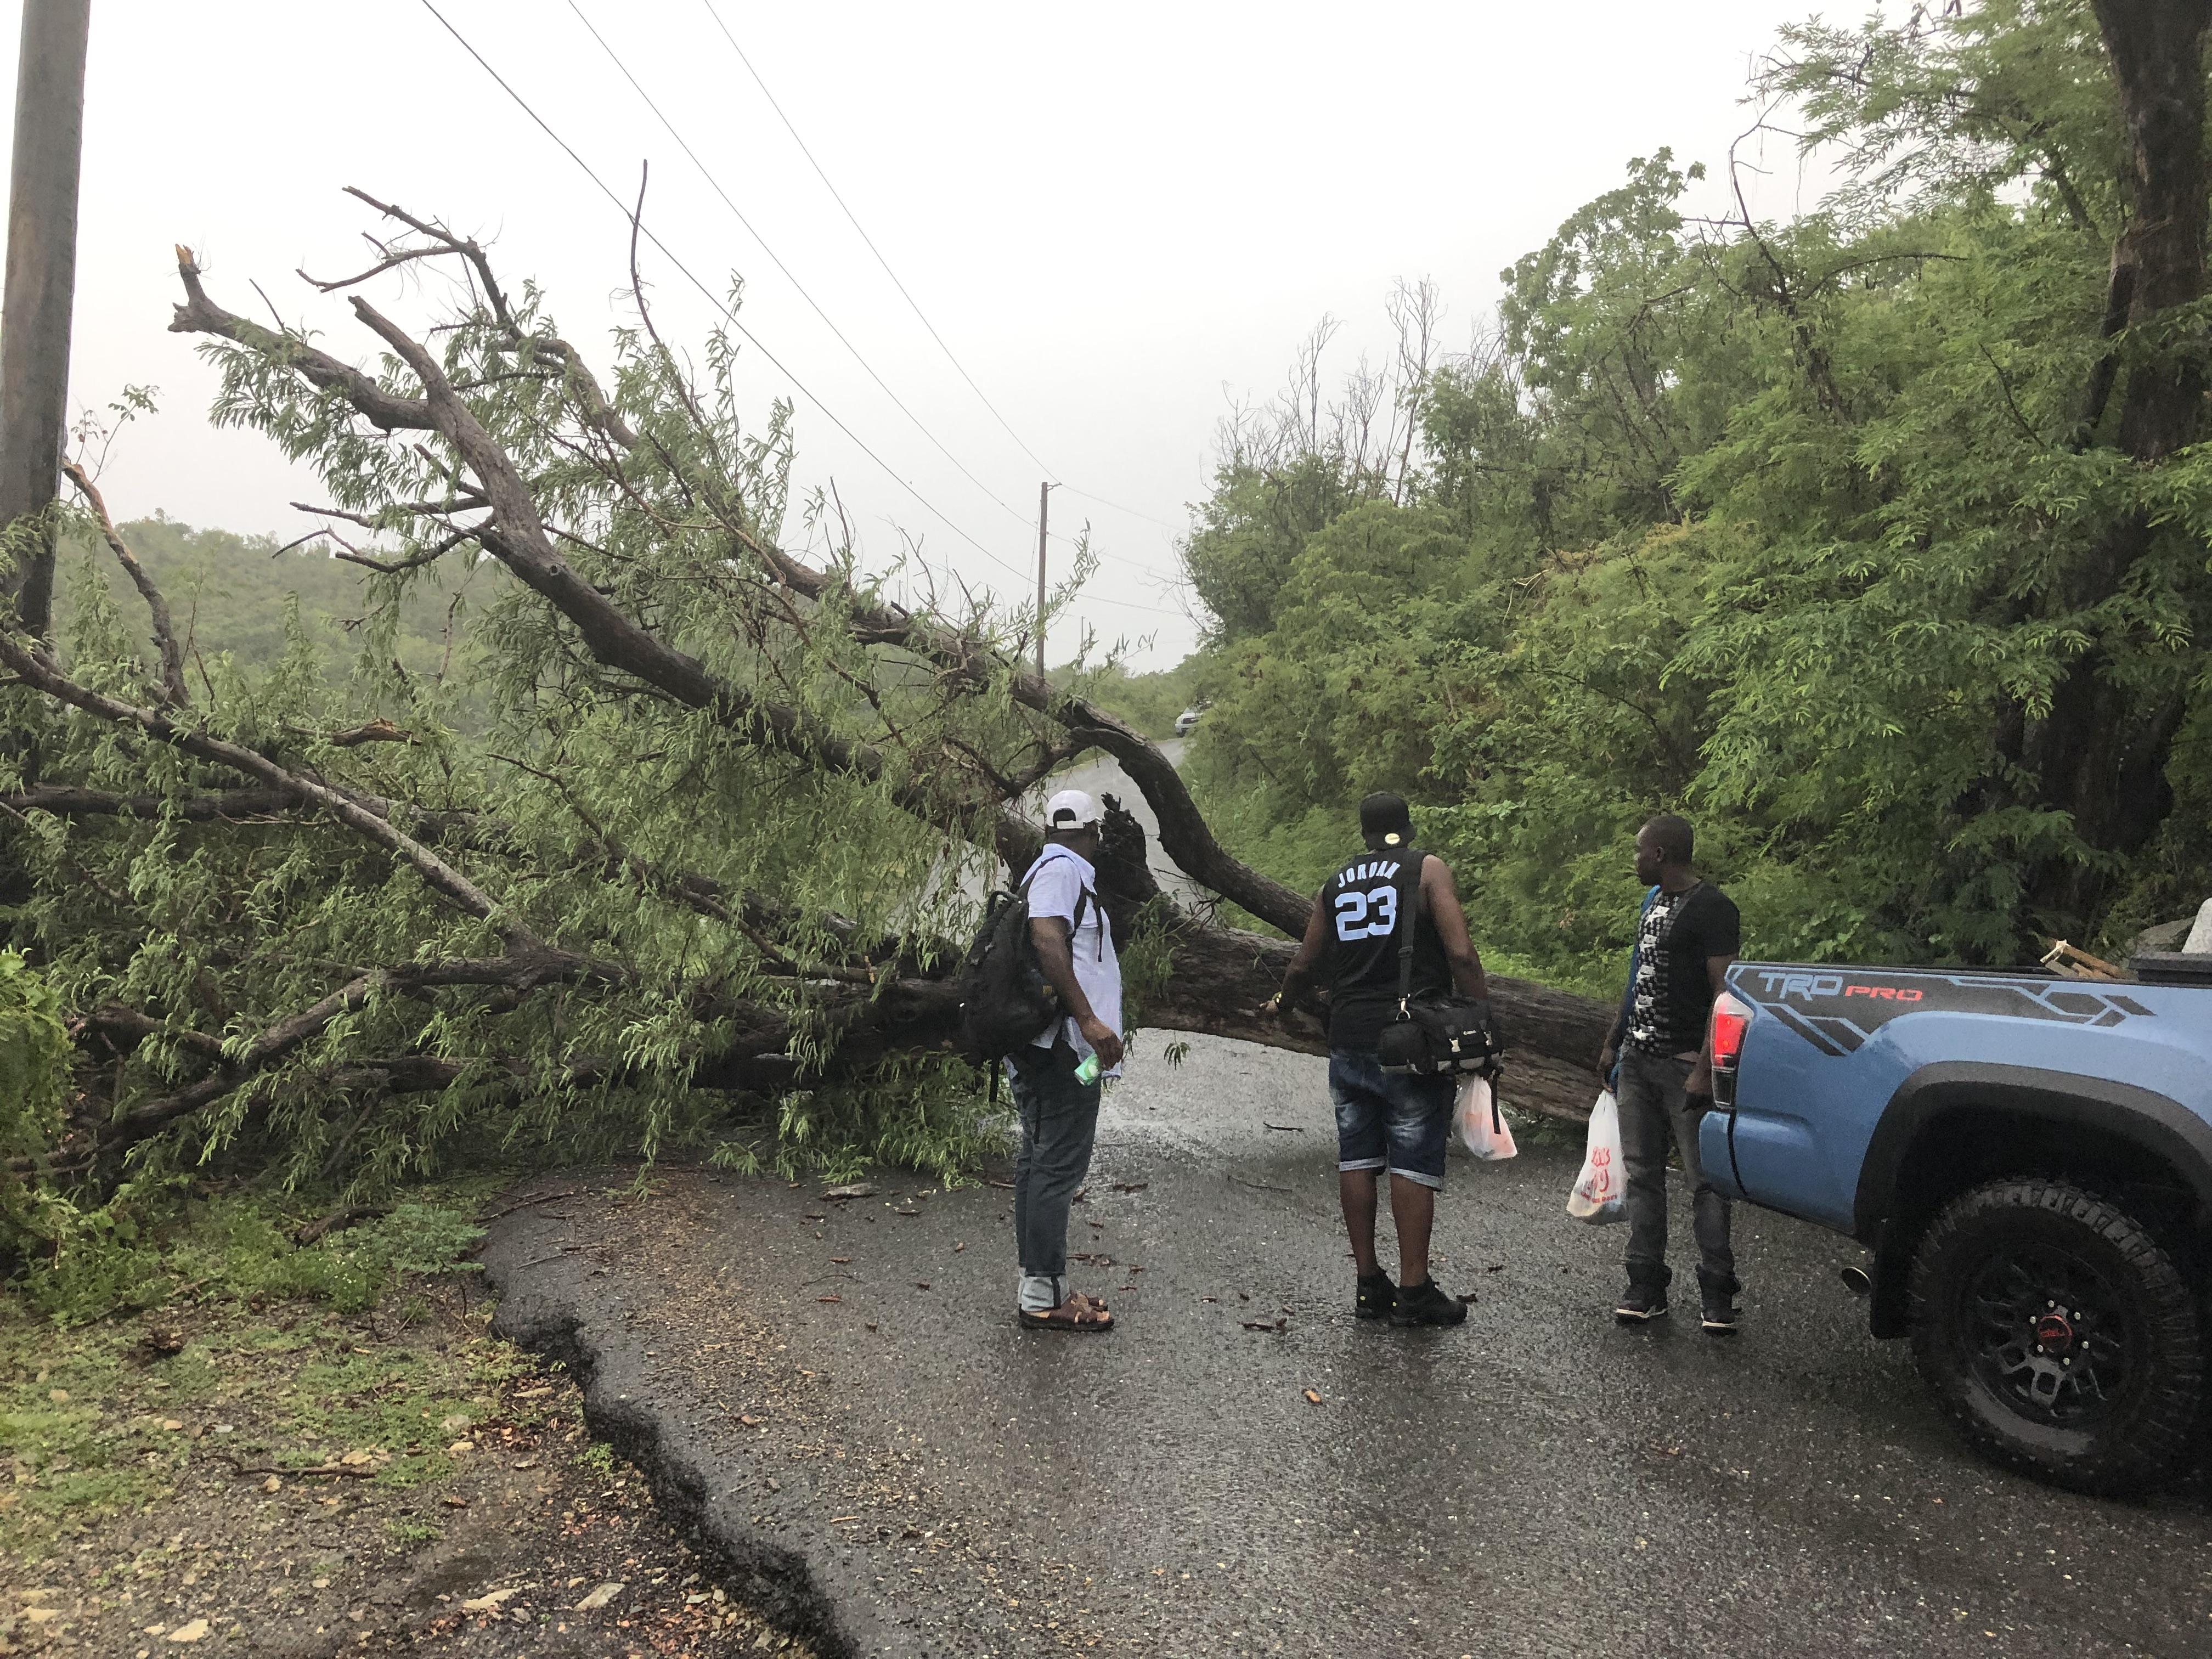 Dorian Upgraded To Hurricane Track Shifts Toward Usvi St